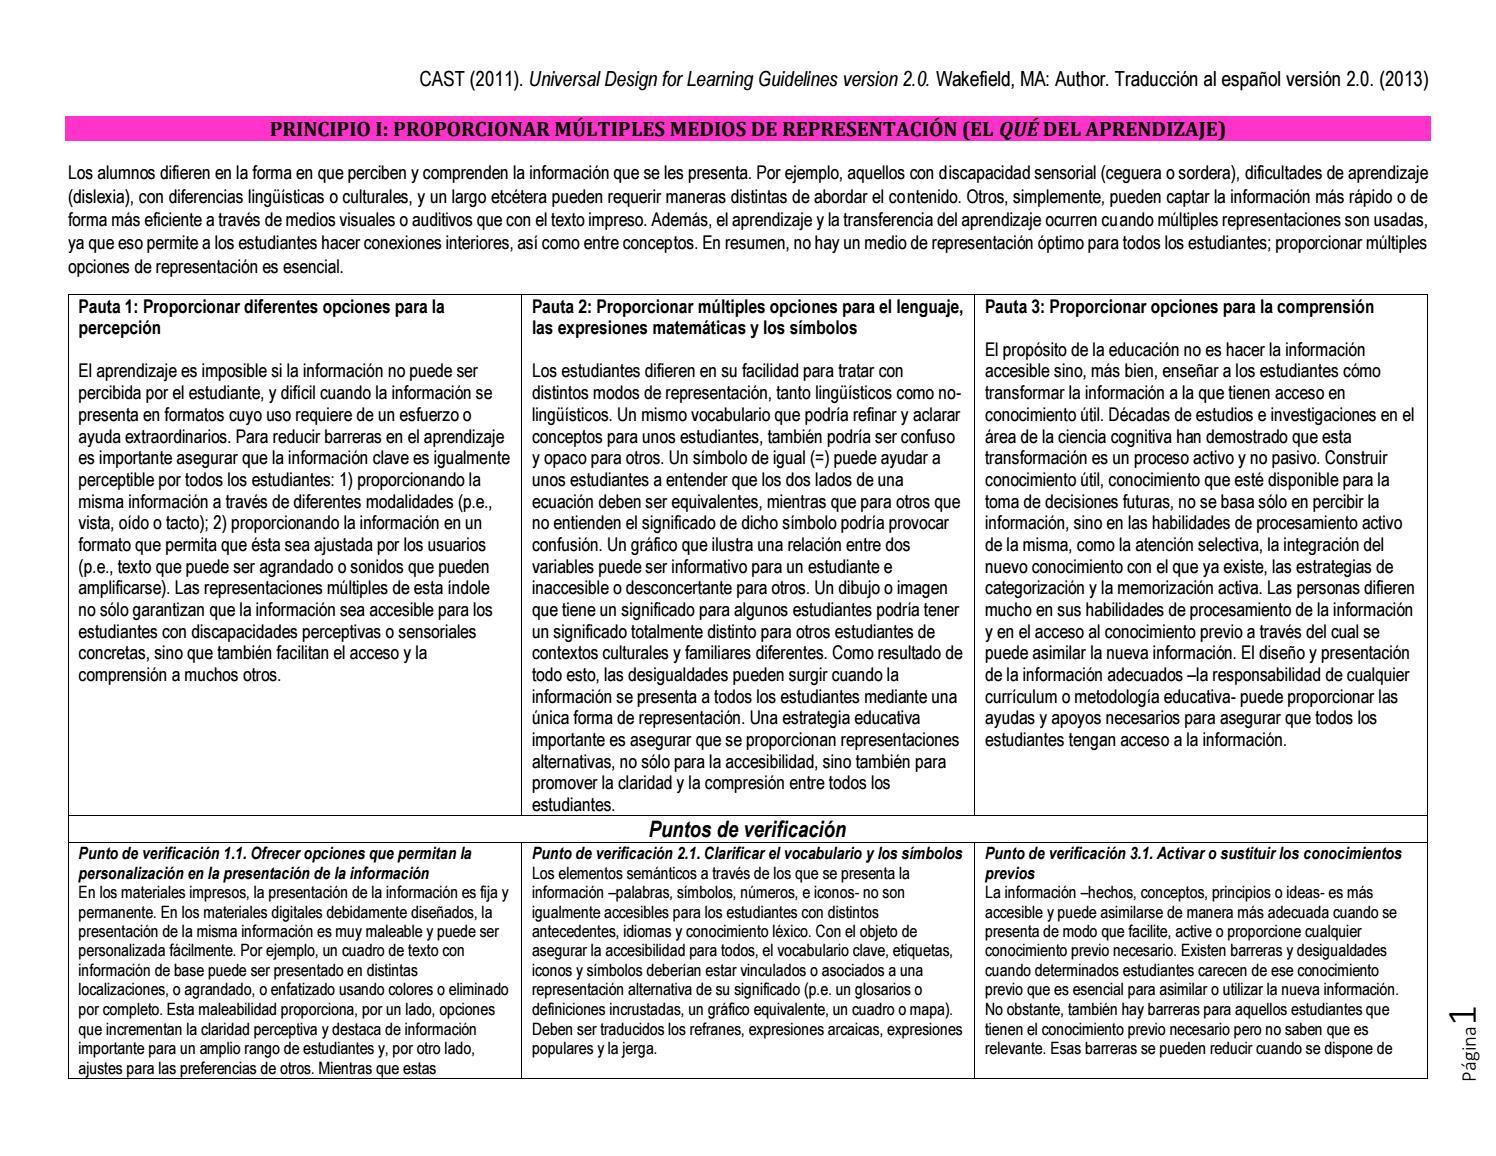 Principios pautas y puntos de verificación dua by carmenza montañez ...